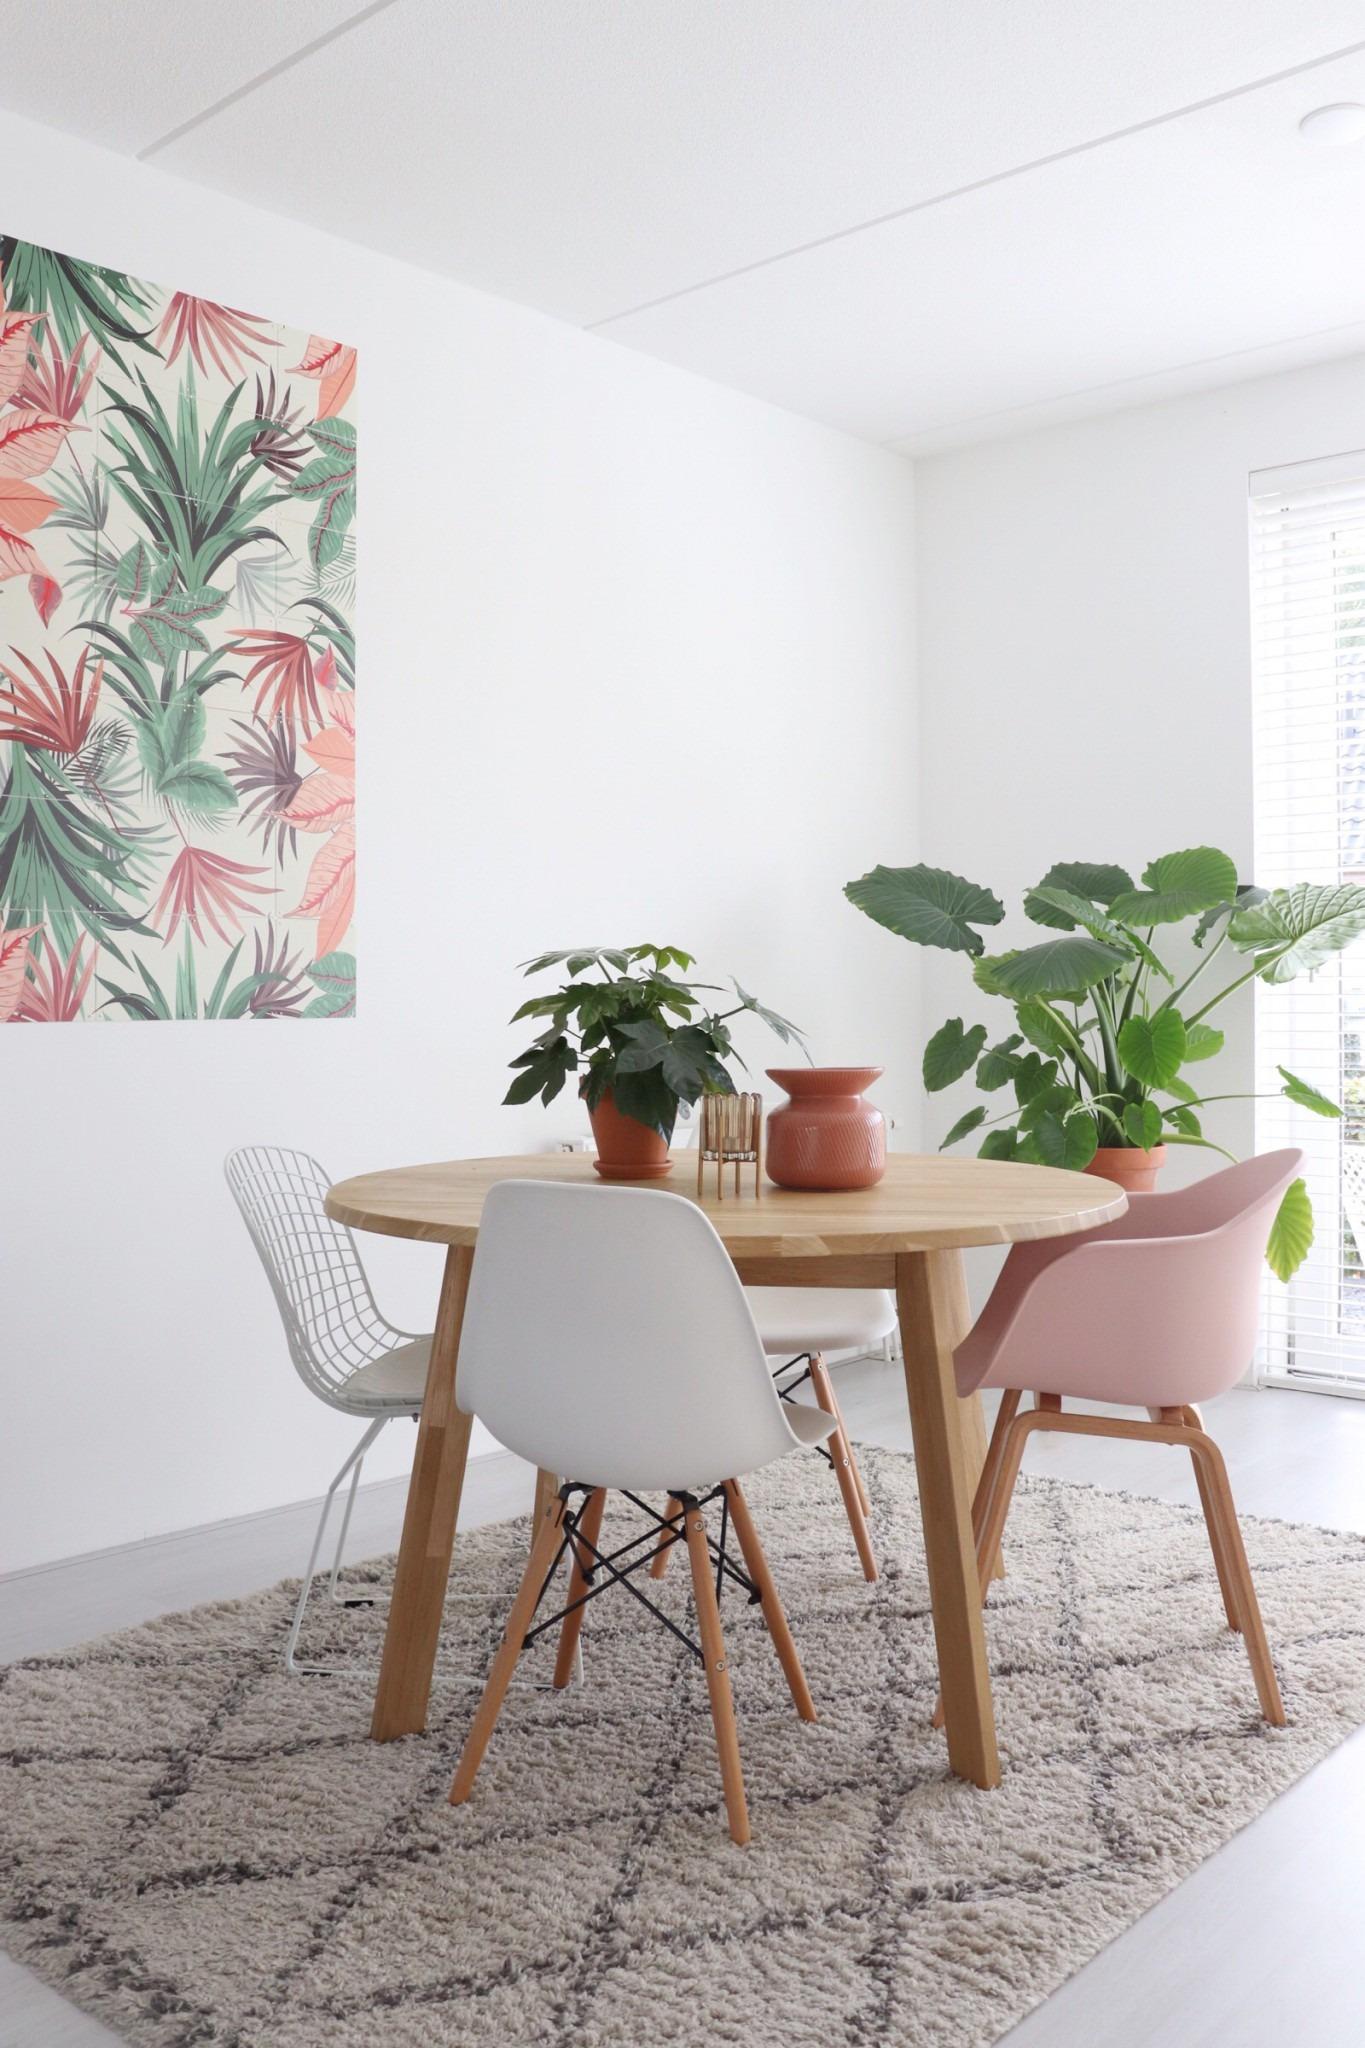 De eethoek met een ronde tafel, IXXI en grote planten. Binnenkijken in een huis in Ochten